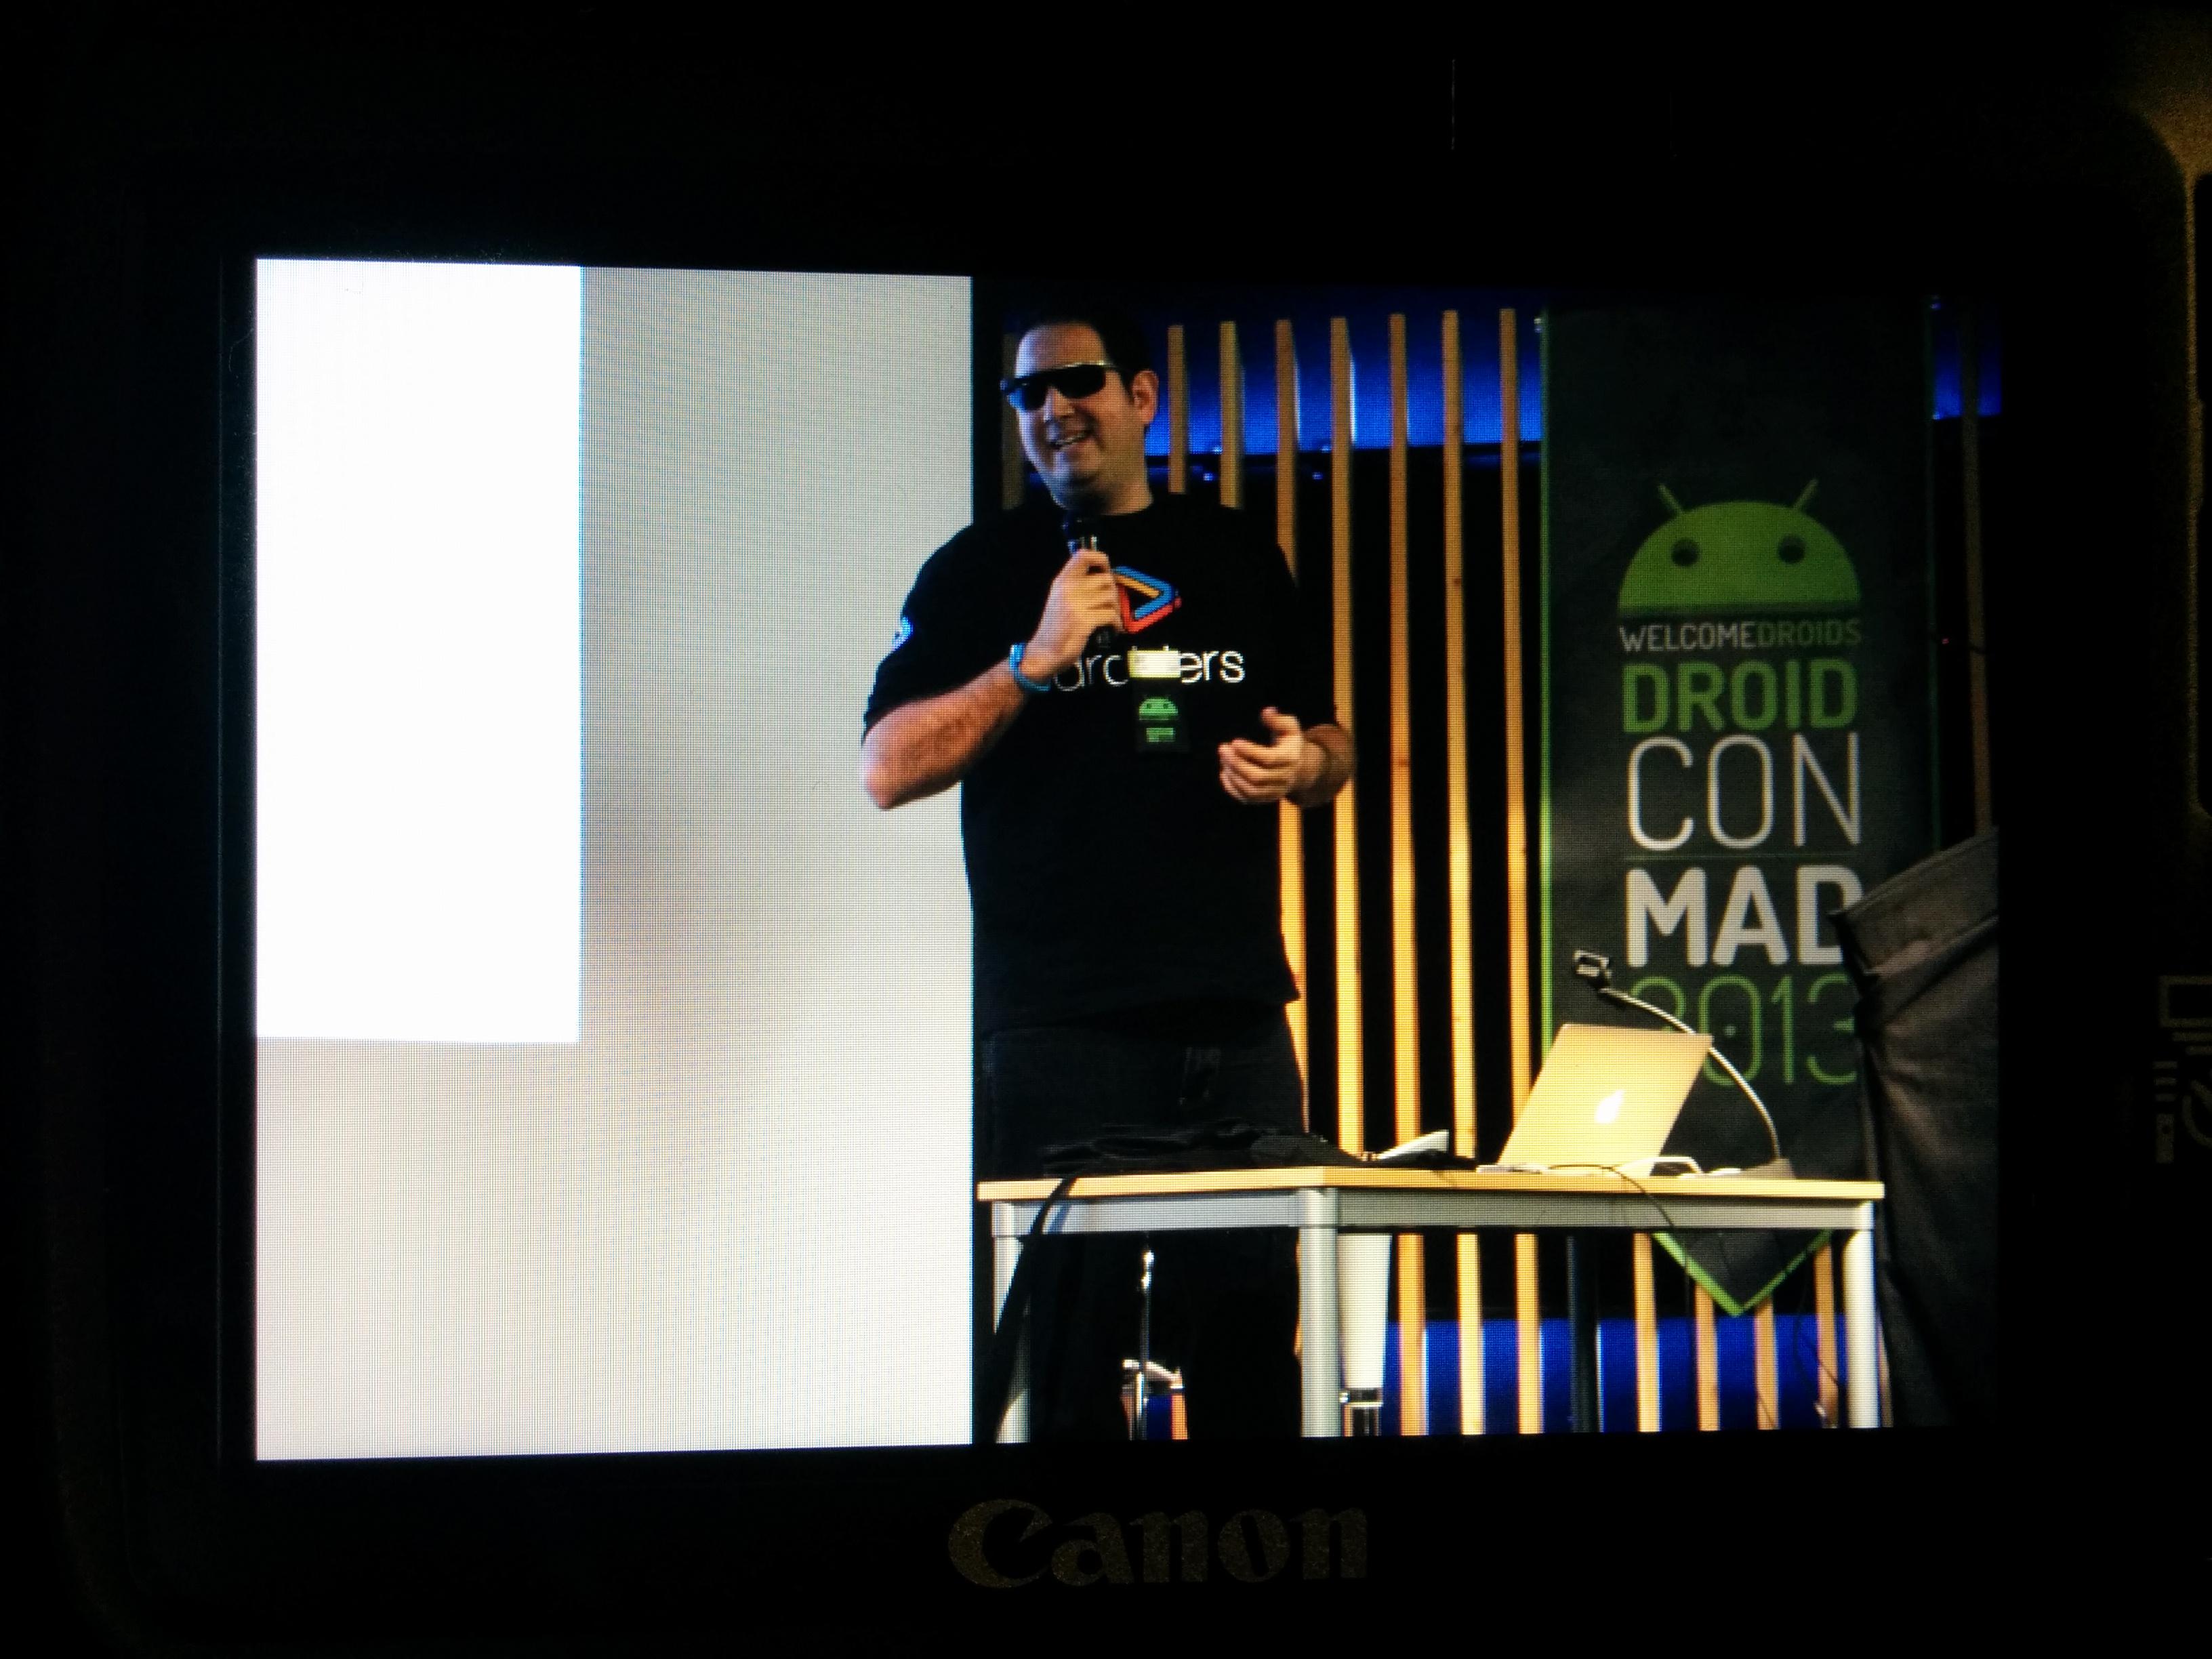 Julián Beltrán, Droiders y Google Glass en el DroidCon Spain 2013